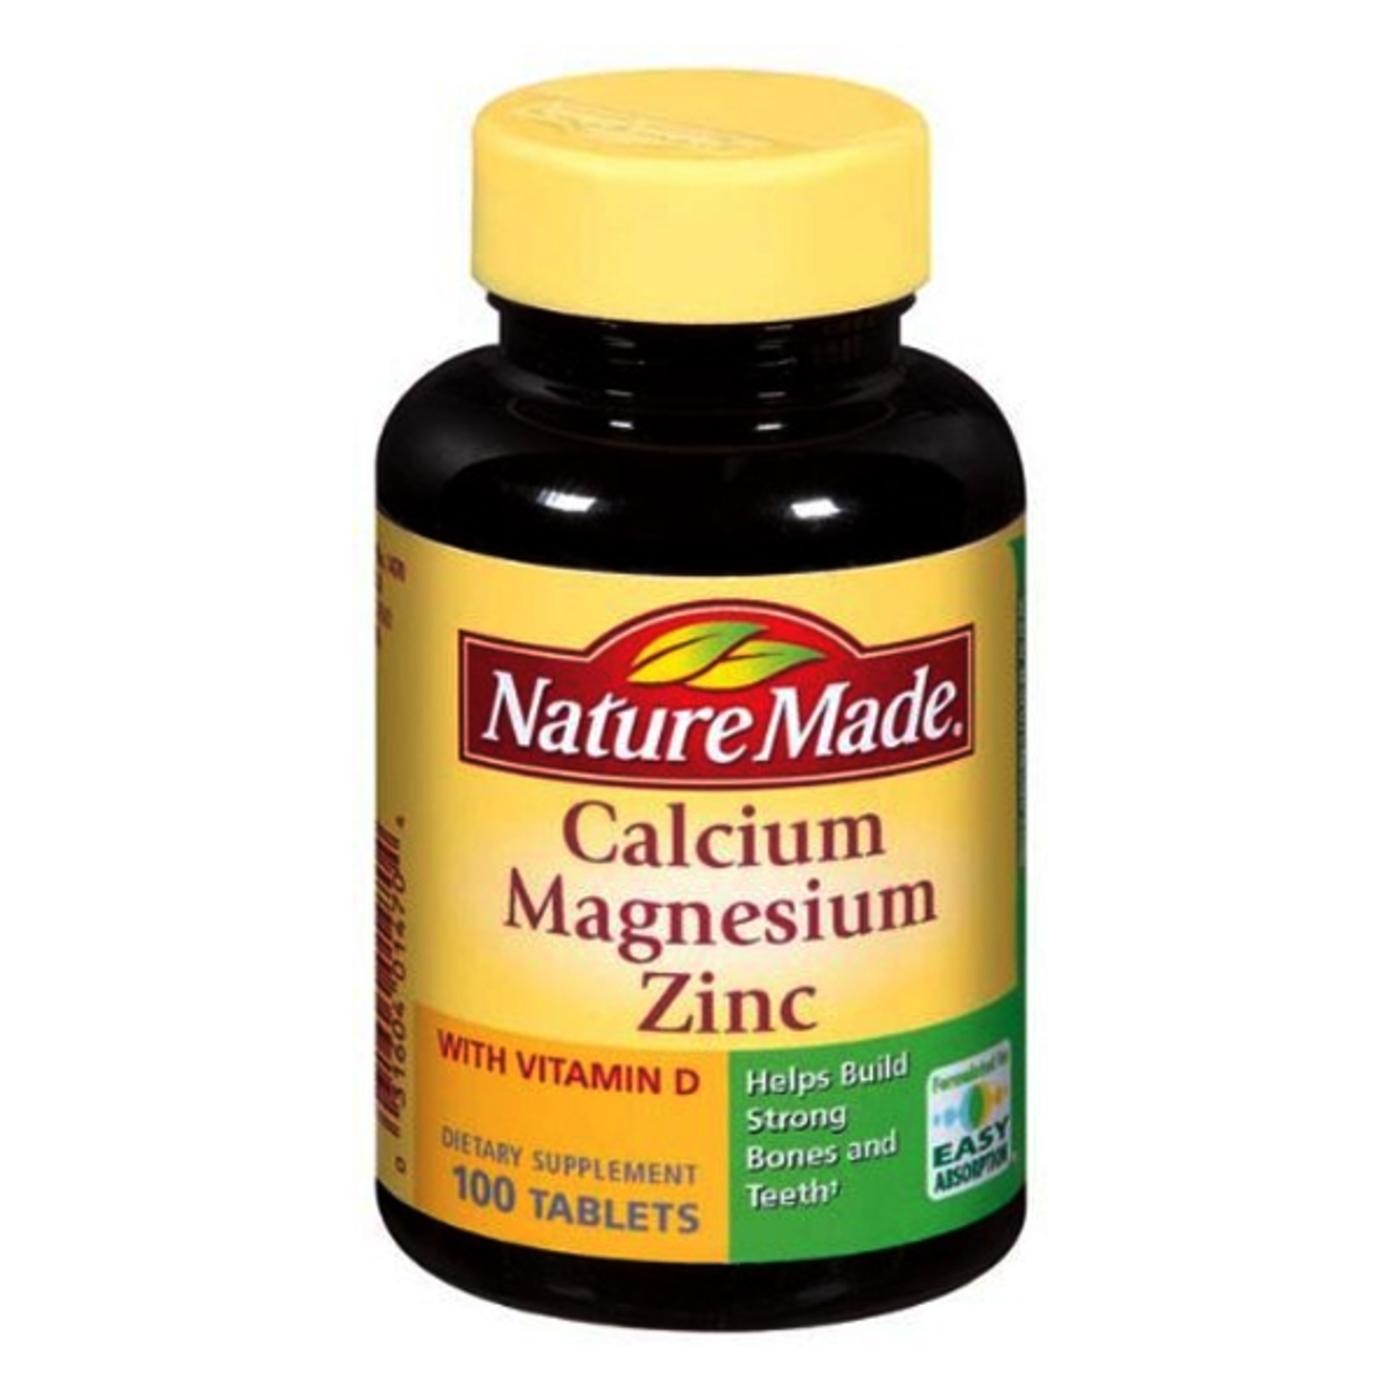 nature zinc magnesium calcium tablets naturemade evitamins india lbs